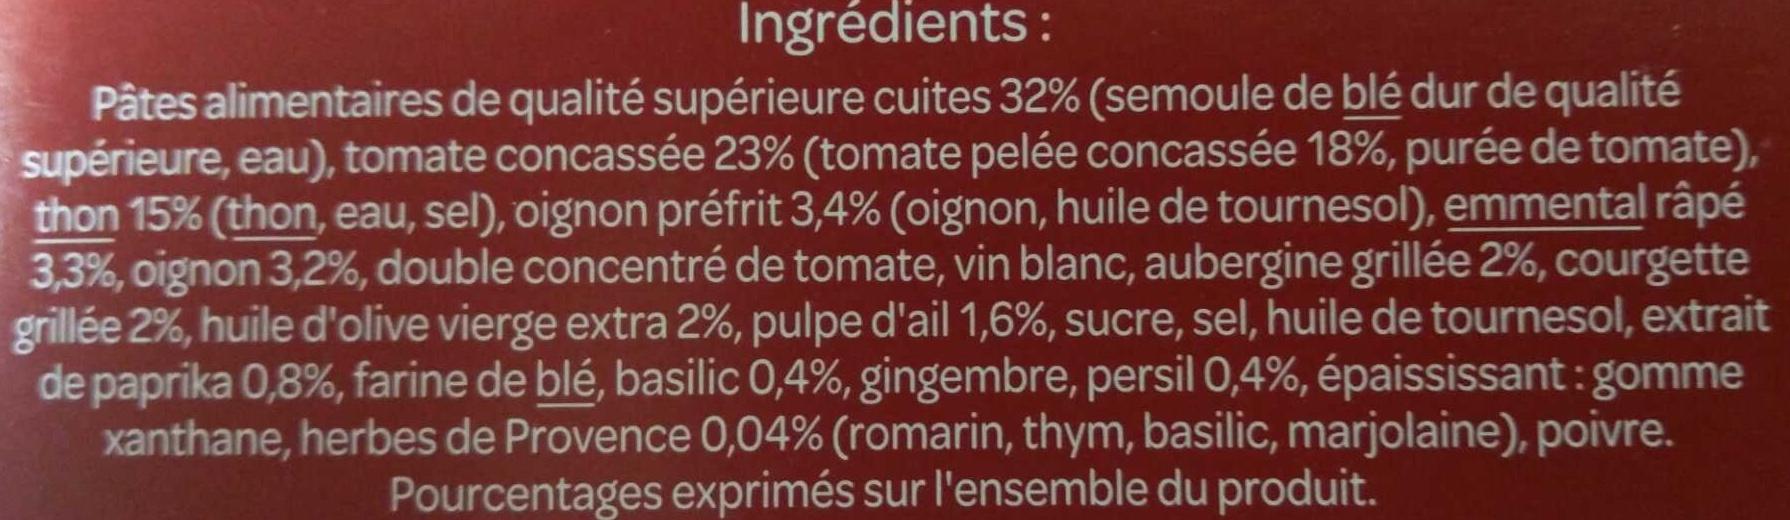 Gratin de macaroni aux légumes et au thon A l'emmental râpé - Ingrédients